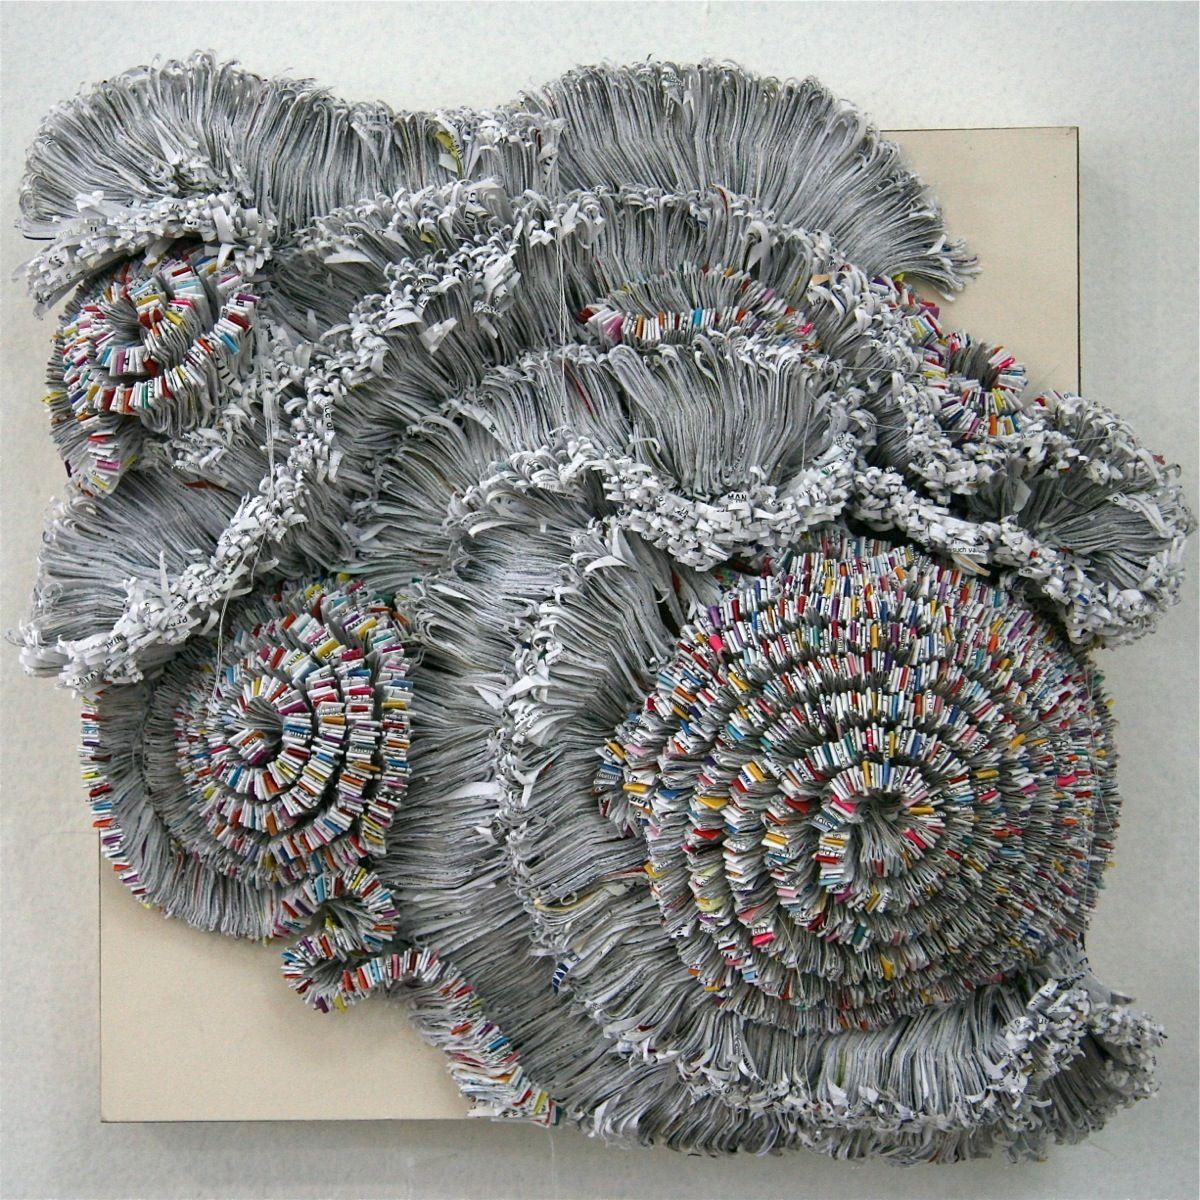 Jaynie Gillman Crimmins | Textured paper art, Textile wall art ...